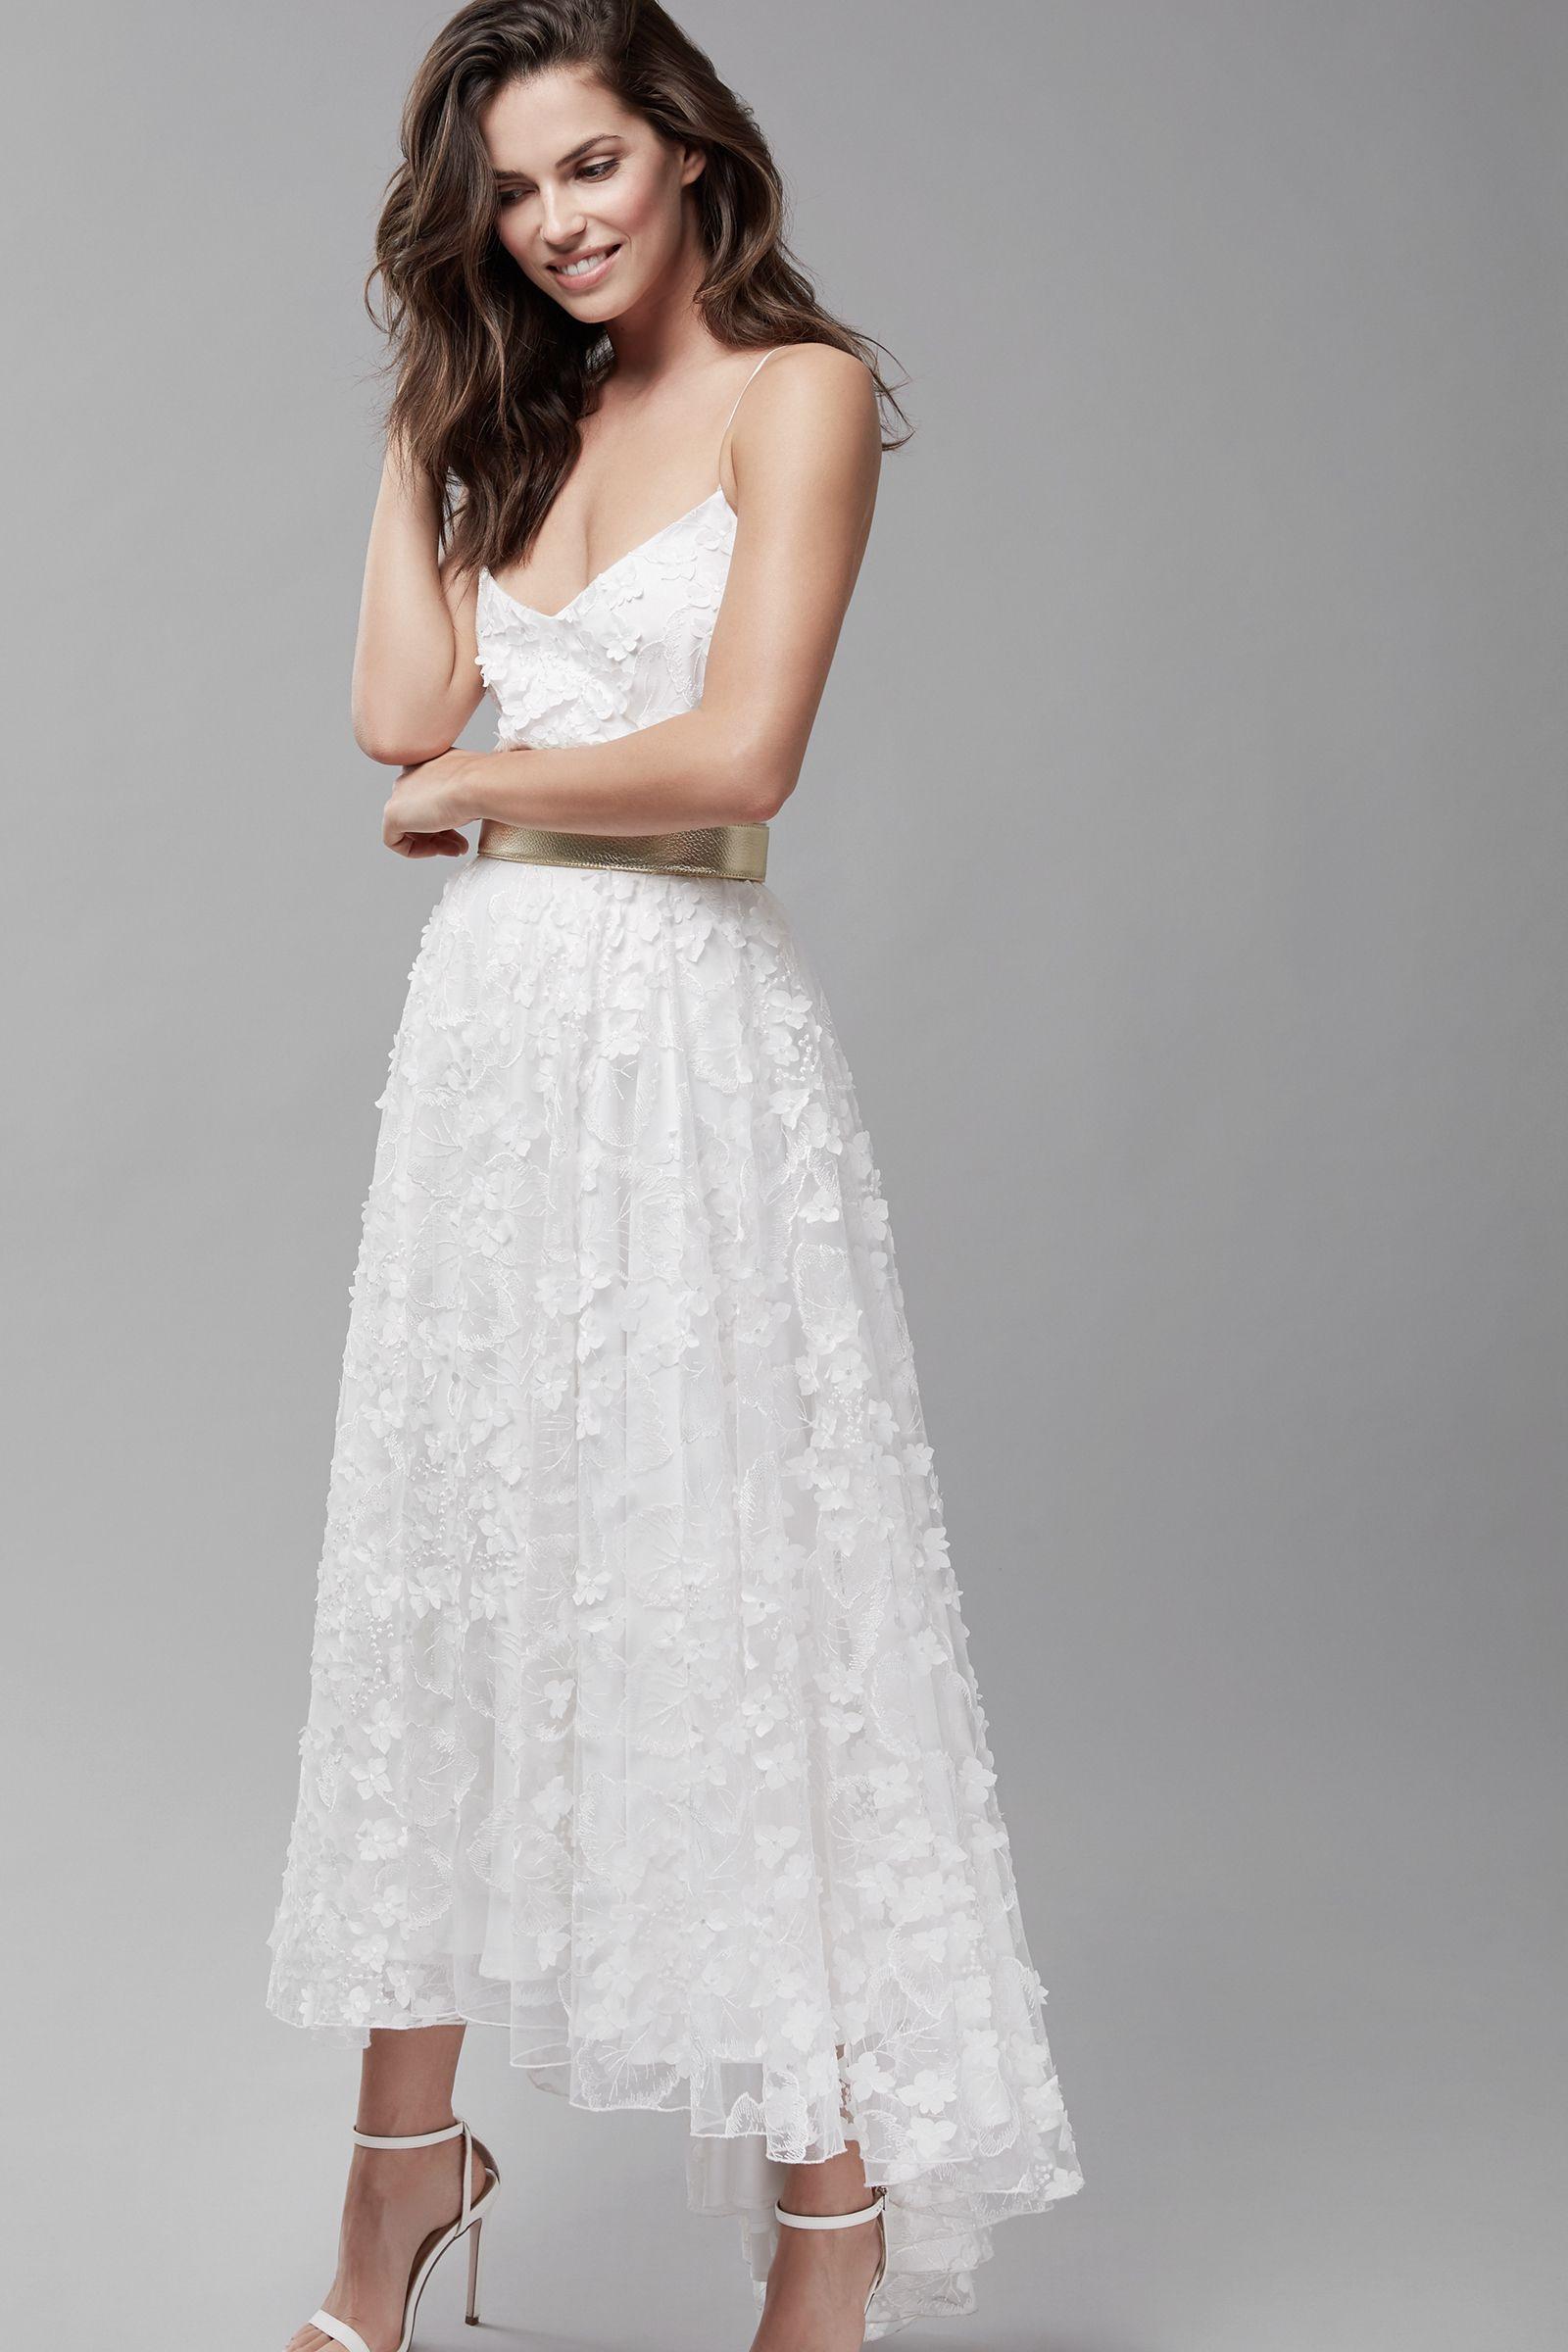 Designer Coolste Abendkleid Ivory Bester Preis13 Fantastisch Abendkleid Ivory für 2019